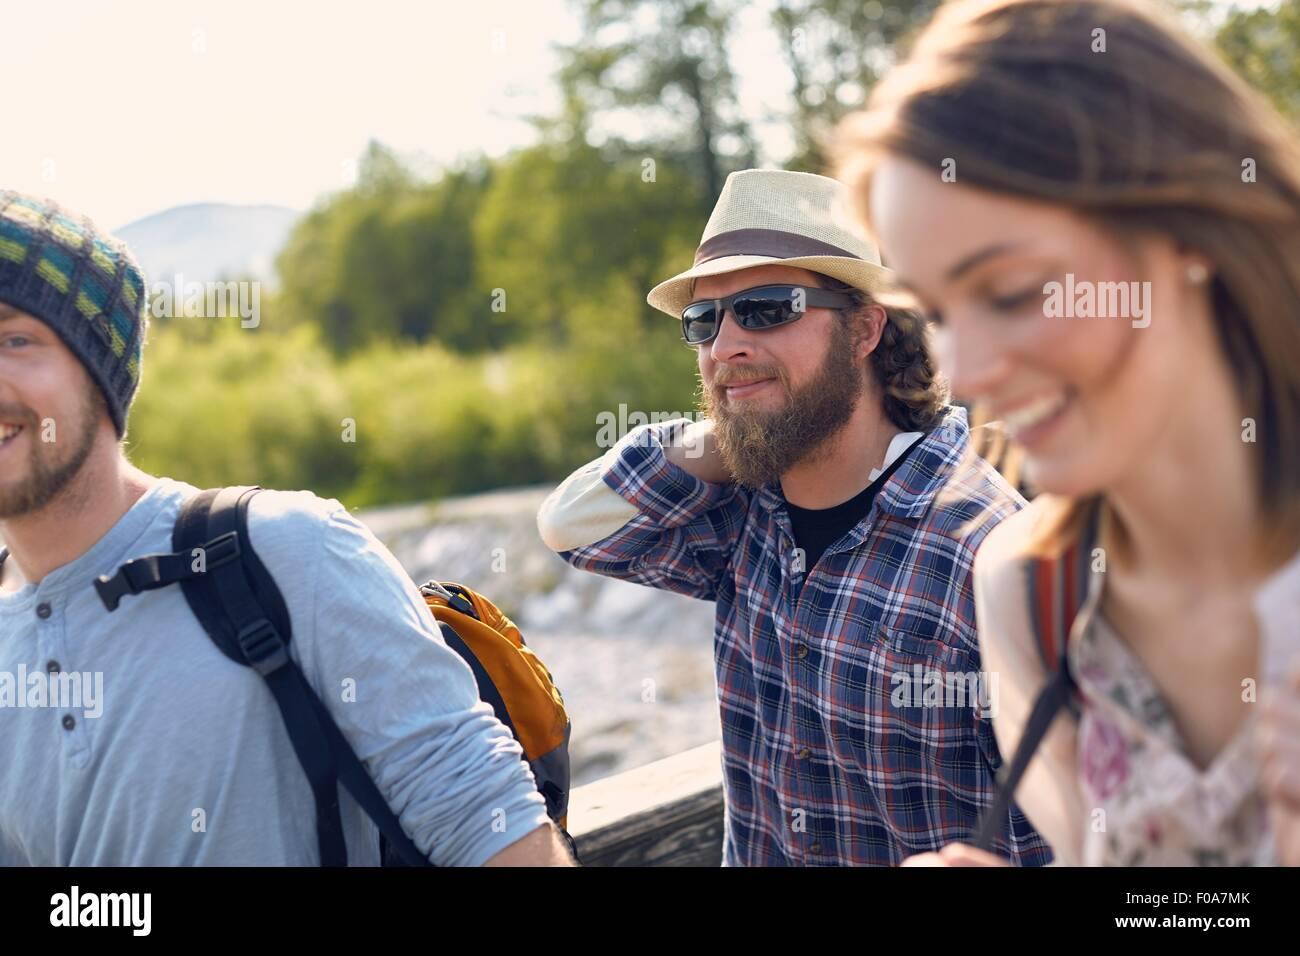 Tre persone che camminano insieme trasportano zaini, sorridente Immagini Stock